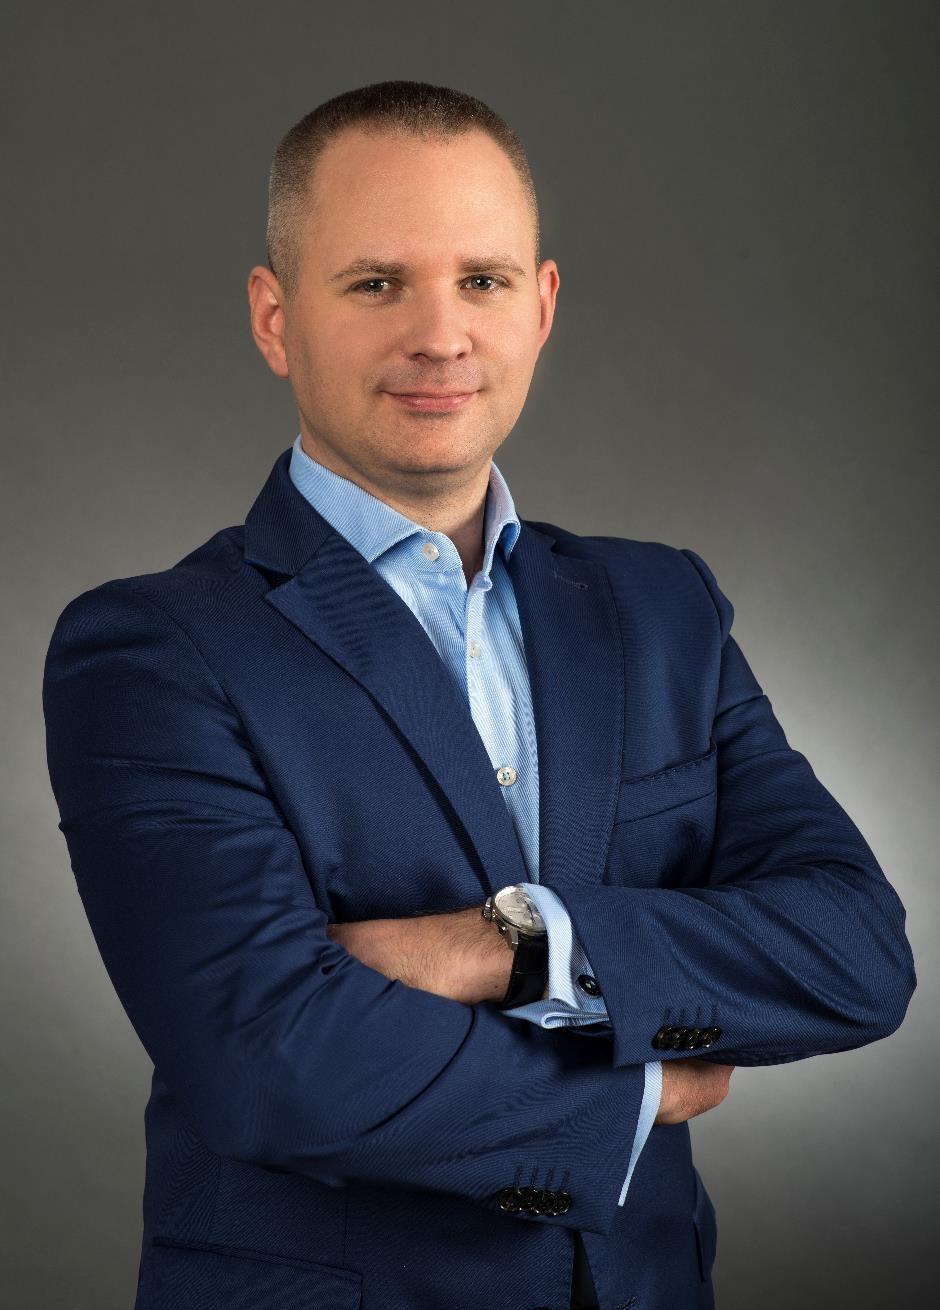 Karol Dziasek